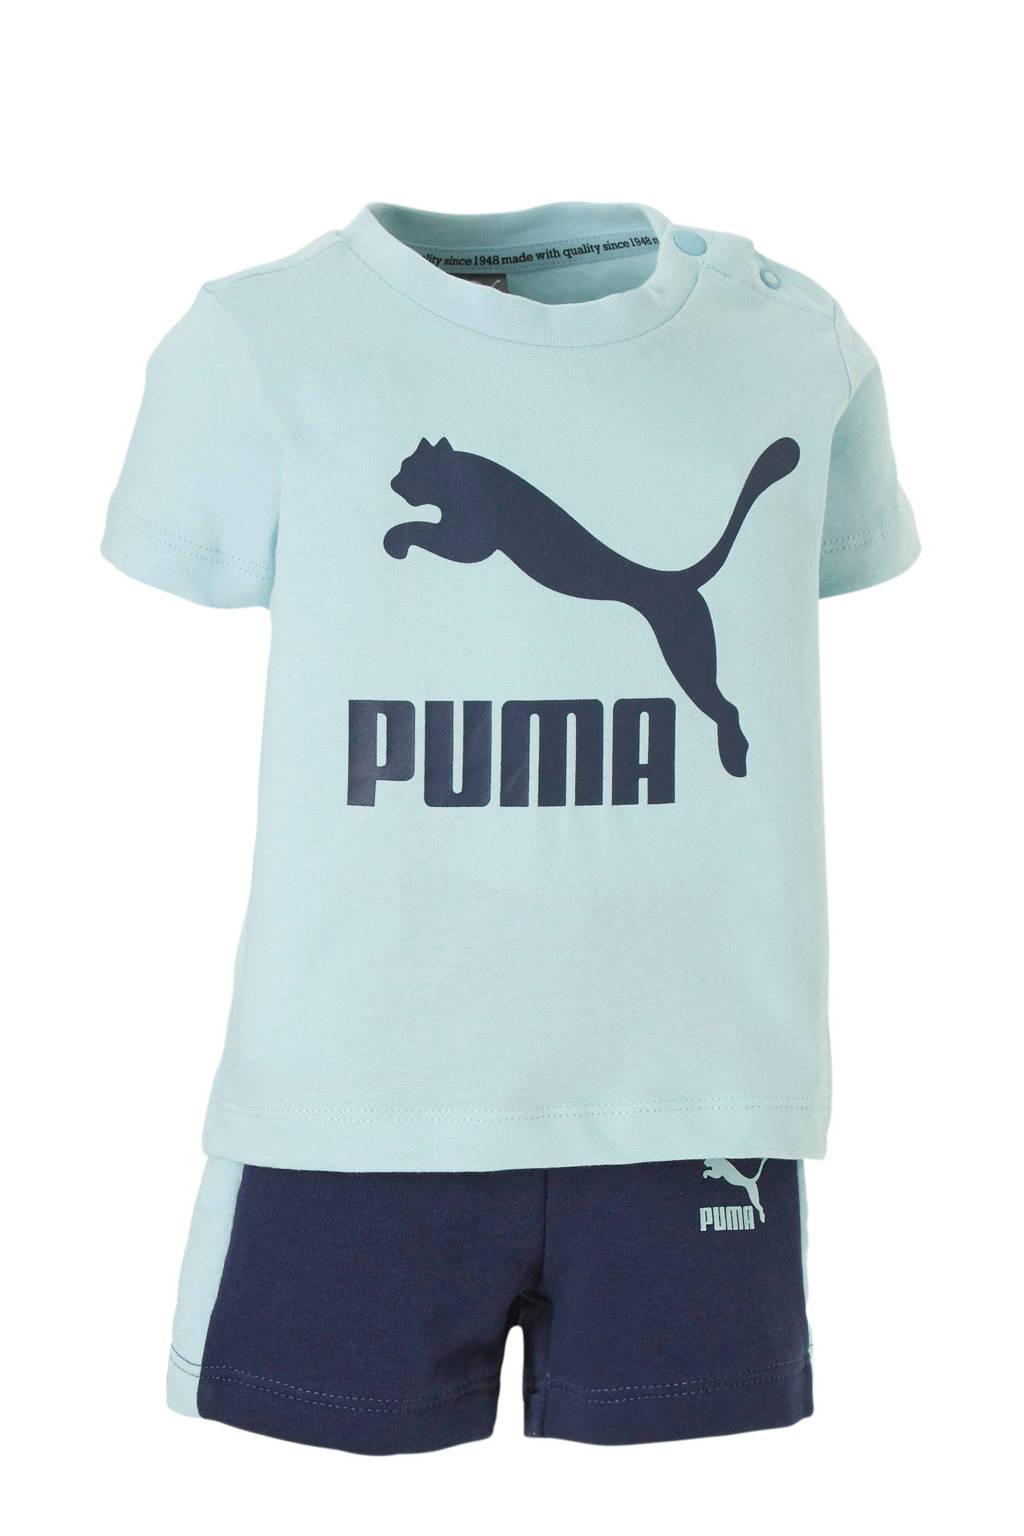 Puma baby T-shirt + short, Lichtblauw/donkerblauw